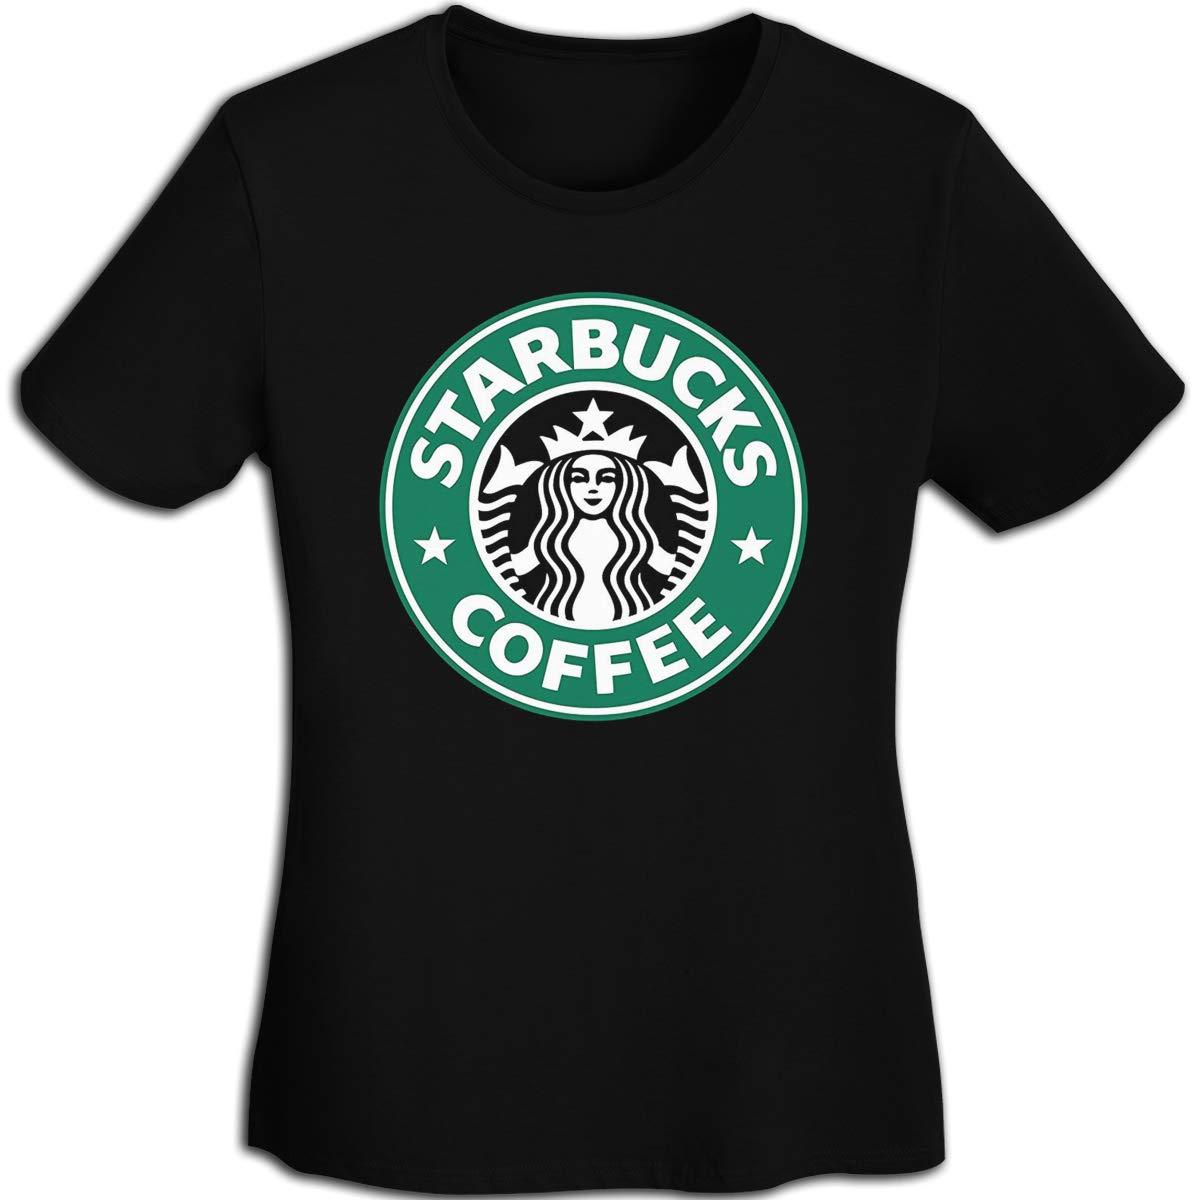 Amazon.com: Camisa de algodón con logotipo clásico para ...